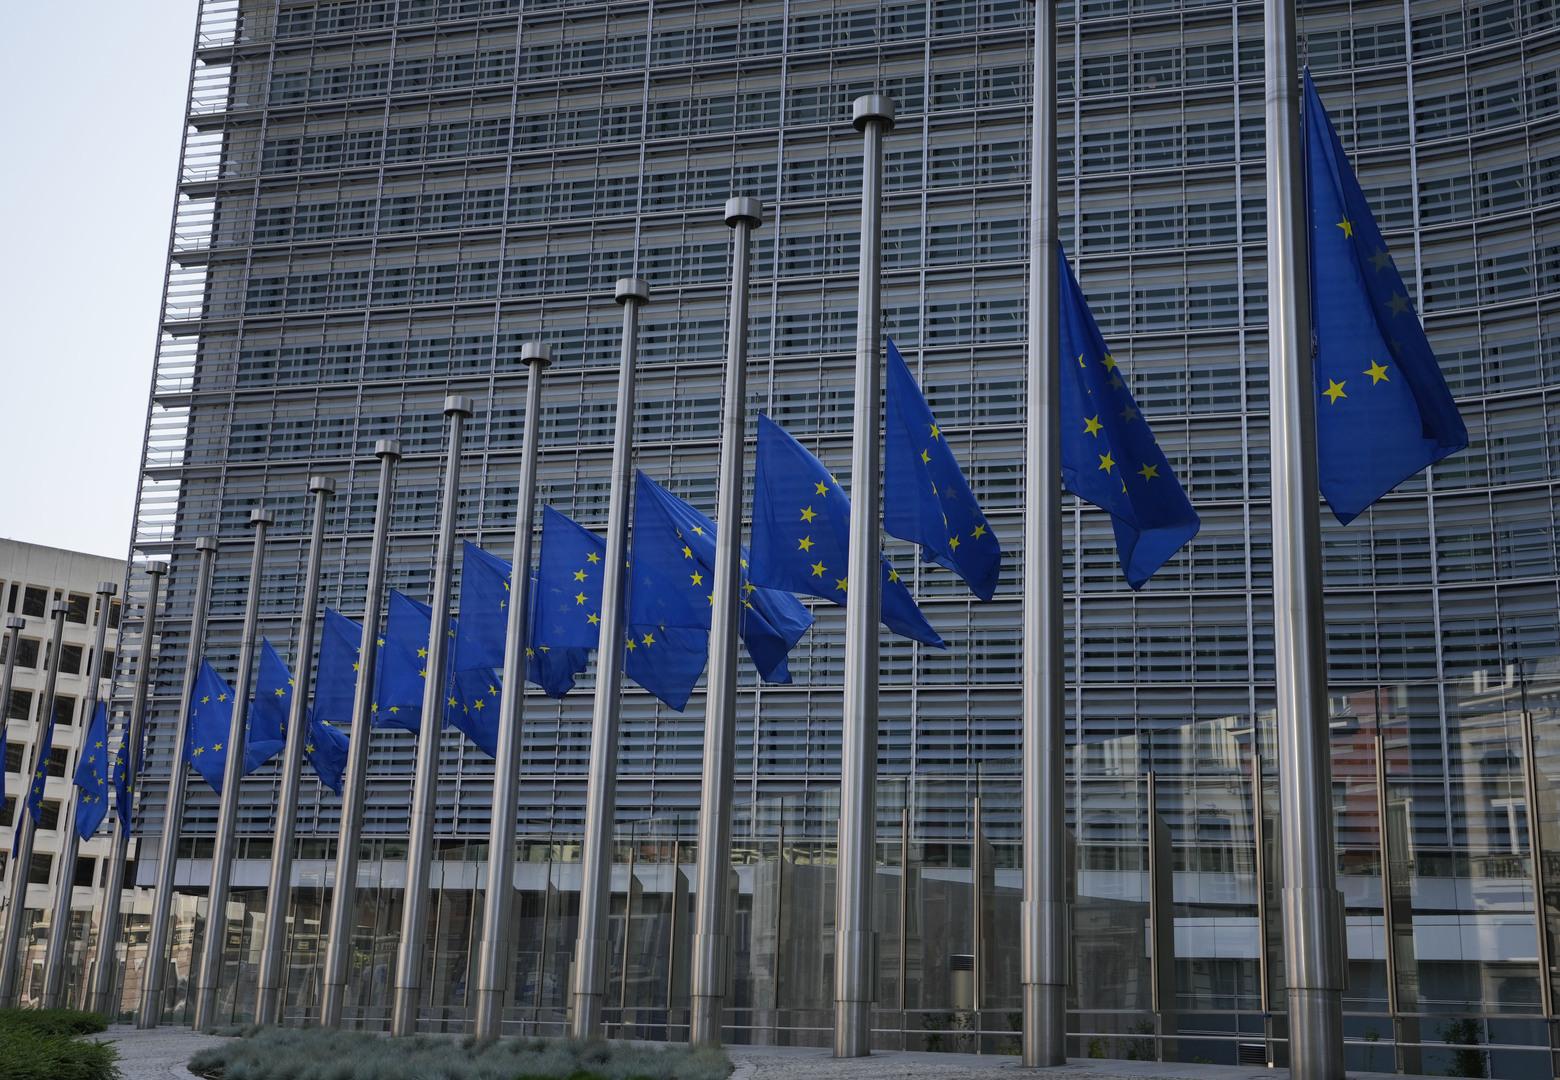 المفوضية الأوروبية تقدم توصيات لدعم سلامة الصحفيين والإعلاميين